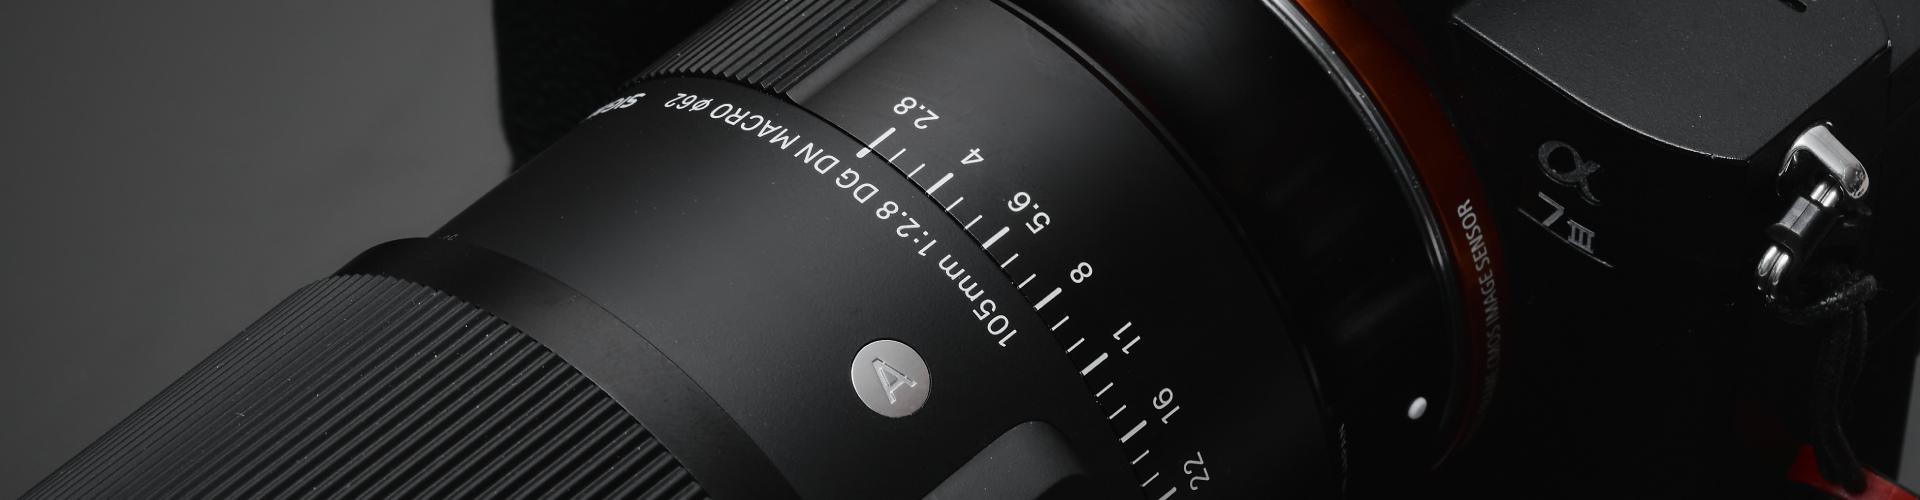 105 매크로 렌즈 이미지